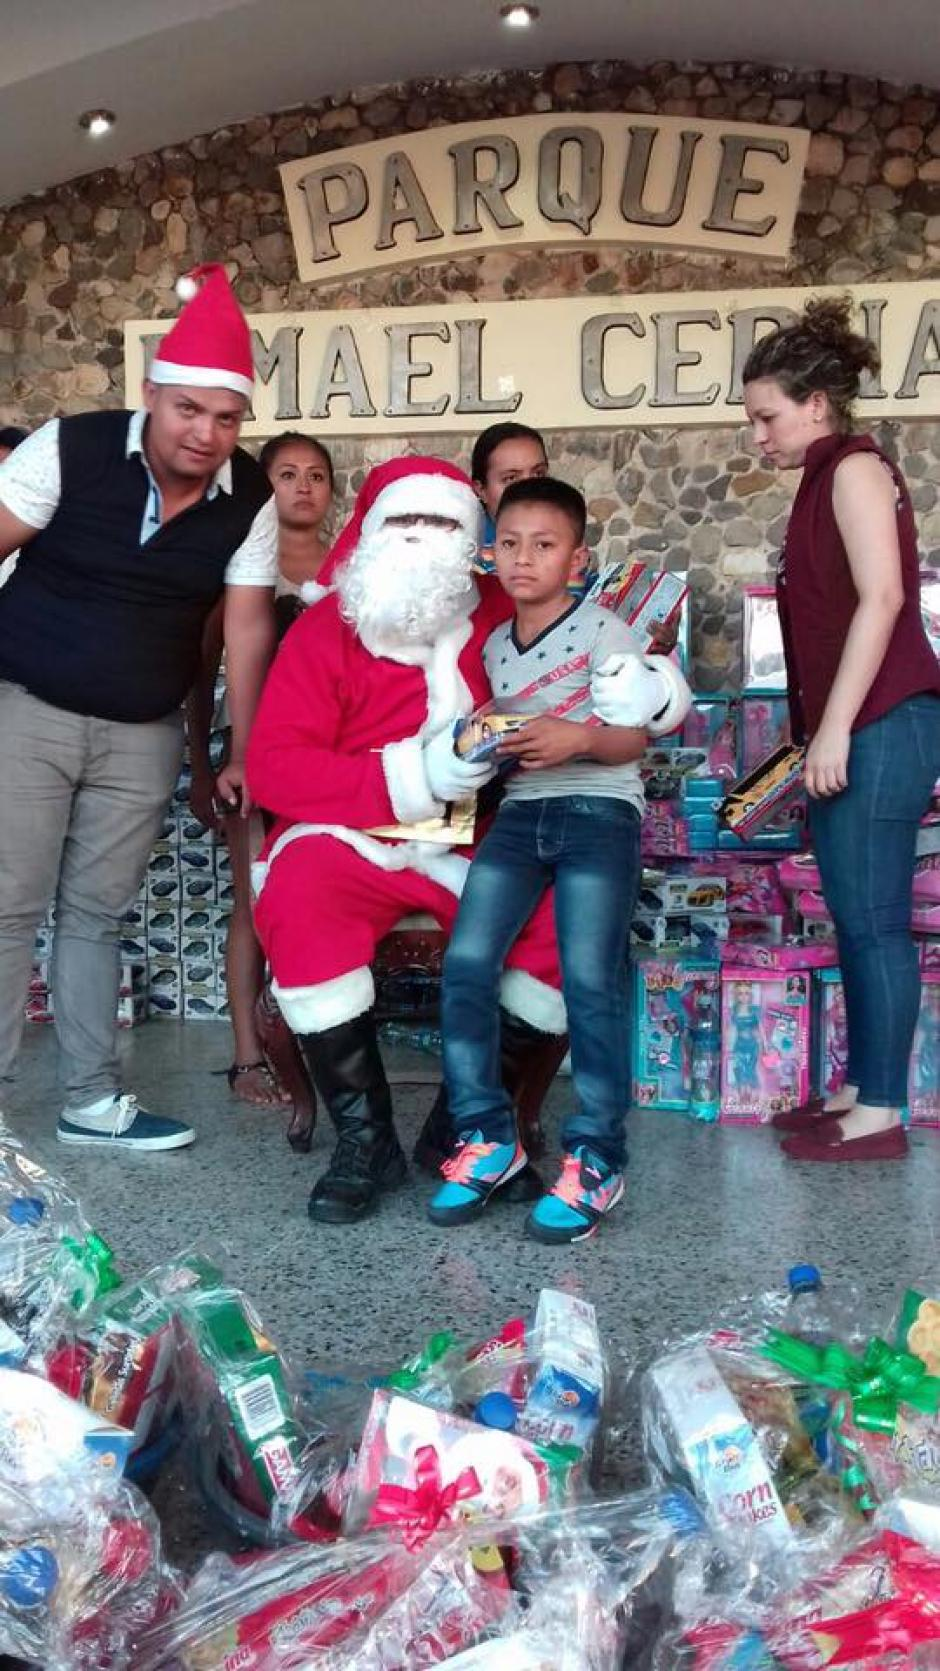 Los regalos fueron repartidos previo a la Navidad. (Foto: Esduin Jerson Javier Javier/Facebook)